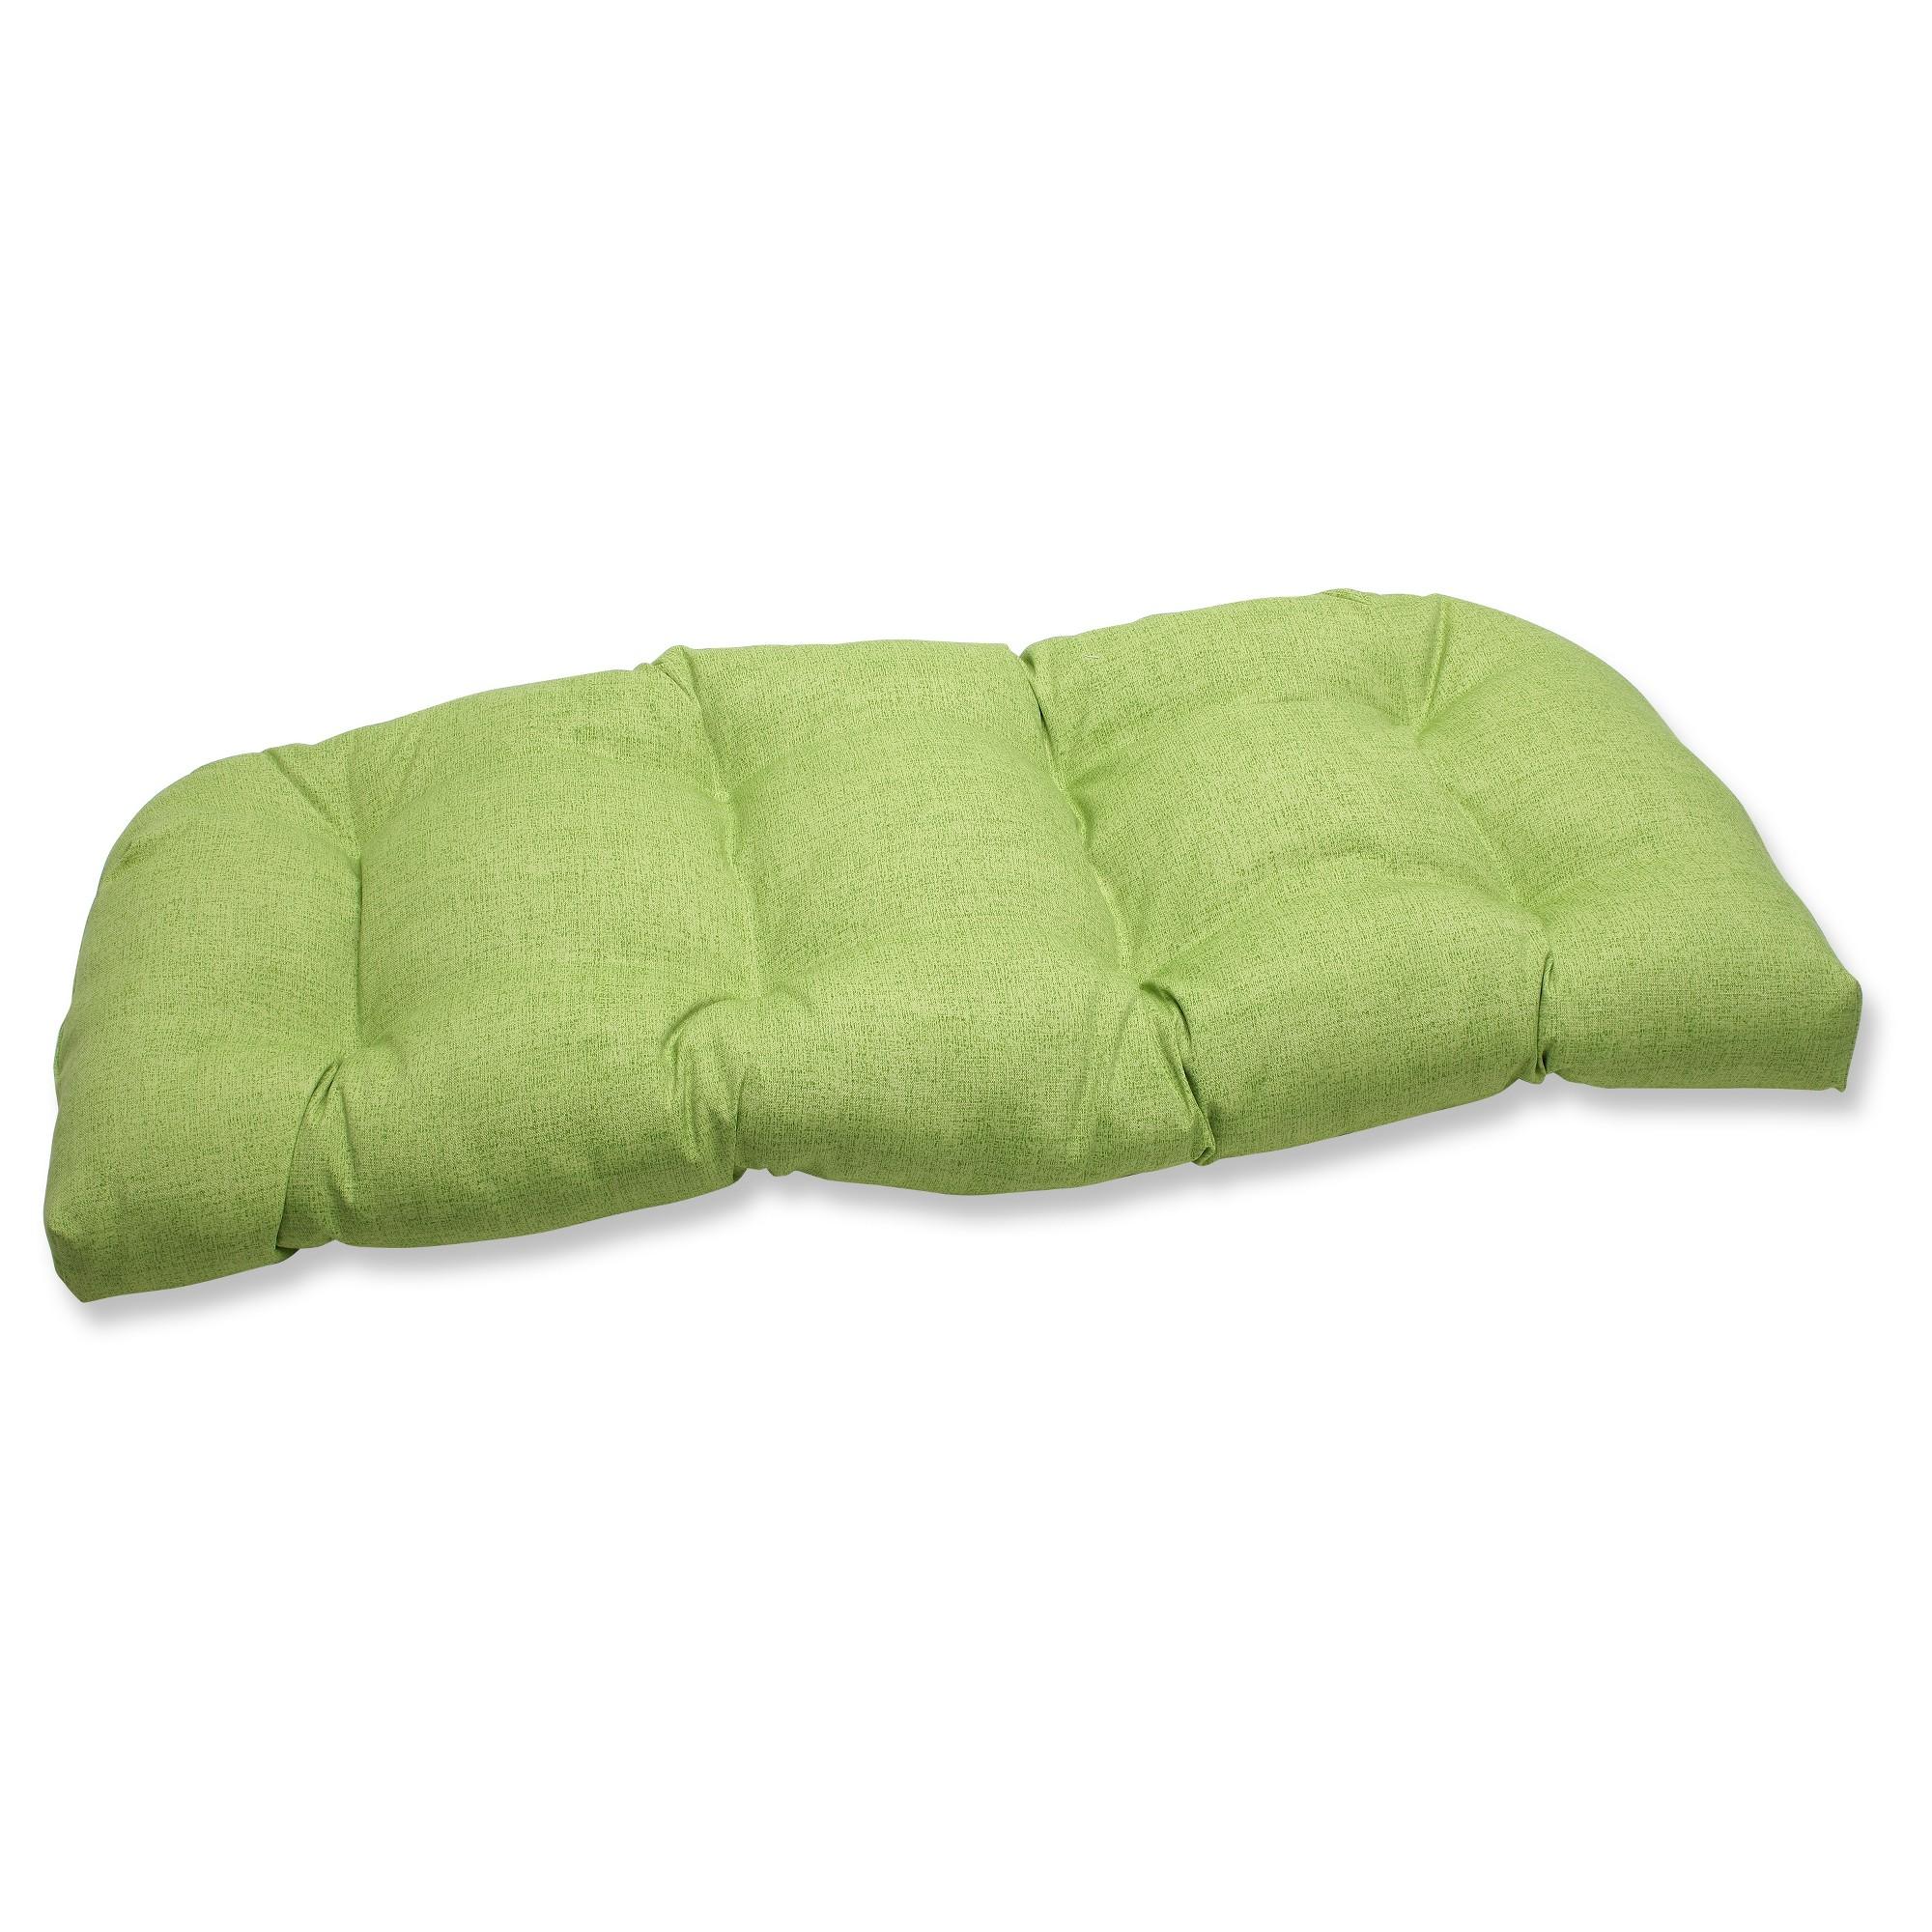 Outdoor Wicker Bench/Loveseat/Swing Cushion - Green